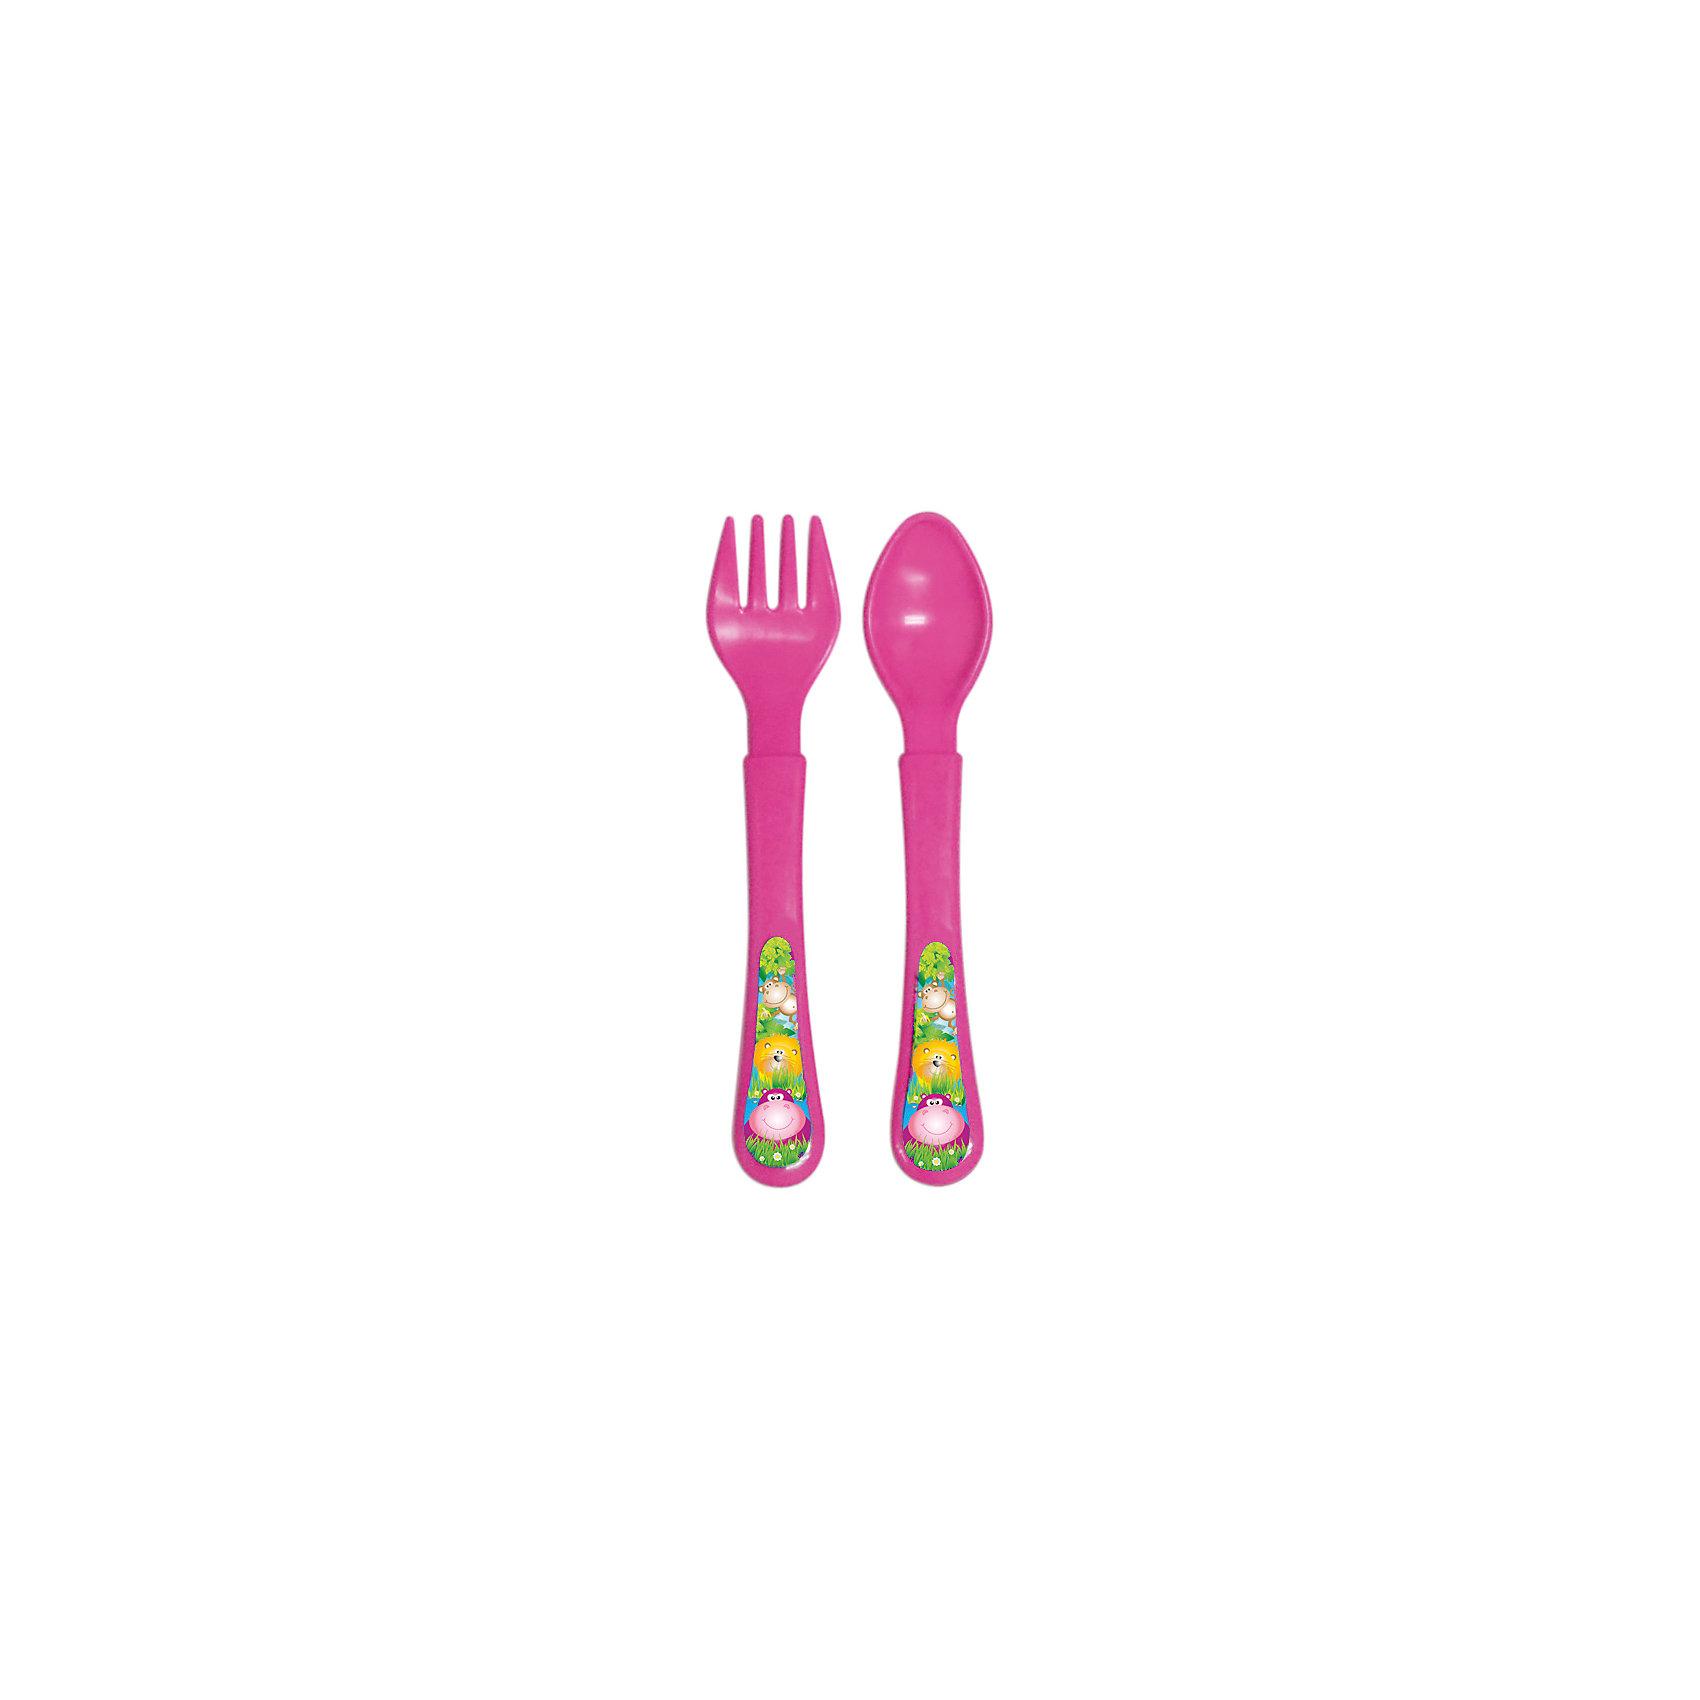 Набор: ложечка и вилочка, серия «Сафари», Kurnosiki, розовыйПосуда для малышей<br>Характеристики:<br><br>• Наименование: столовые приборы<br>• Материал: пластик<br>• Пол: для девочки<br>• Цвет: розовый<br>• Тематика рисунка: животные сафари<br>• Комплектация: ложка, вилка<br>• У вилки закругленные зубцы<br>• Удобные ручки<br>• Отсутствие острых краев<br>• Вес: 40 г<br>• Параметры (Д*Ш*В): 20*3*10 см <br>• Особенности ухода: разрешается мыть в посудомоечной машине<br><br>Набор: ложечка и вилочка, серия «Сафари», Kurnosiki, зеленый состоит из двух столовых приборов, выполненных из безопасного и ударопрочного пластика, что обеспечивает их гигиену. У вилки зубцы закругленные, ручки у изделий средней ширины, округлые, что делает из безопасными для маленьких детей. <br><br>Набор: ложечка и вилочка, серия «Сафари», Kurnosiki, зеленый выполнен в ярком дизайне: на ручках нанесены изображения животных сафари. Рисунок устойчивый, не стирается и не изменяет цвет даже при частом использовании. Набор столовых приборов от Курносиков позволит научить вашего малыша правильно пользоваться вилкой и ложкой без особого труда!<br><br>Набор: ложечка и вилочка, серия «Сафари», Kurnosiki, зеленый можно купить в нашем интернет-магазине.<br><br>Ширина мм: 20<br>Глубина мм: 90<br>Высота мм: 200<br>Вес г: 41<br>Возраст от месяцев: 4<br>Возраст до месяцев: 36<br>Пол: Женский<br>Возраст: Детский<br>SKU: 5428708